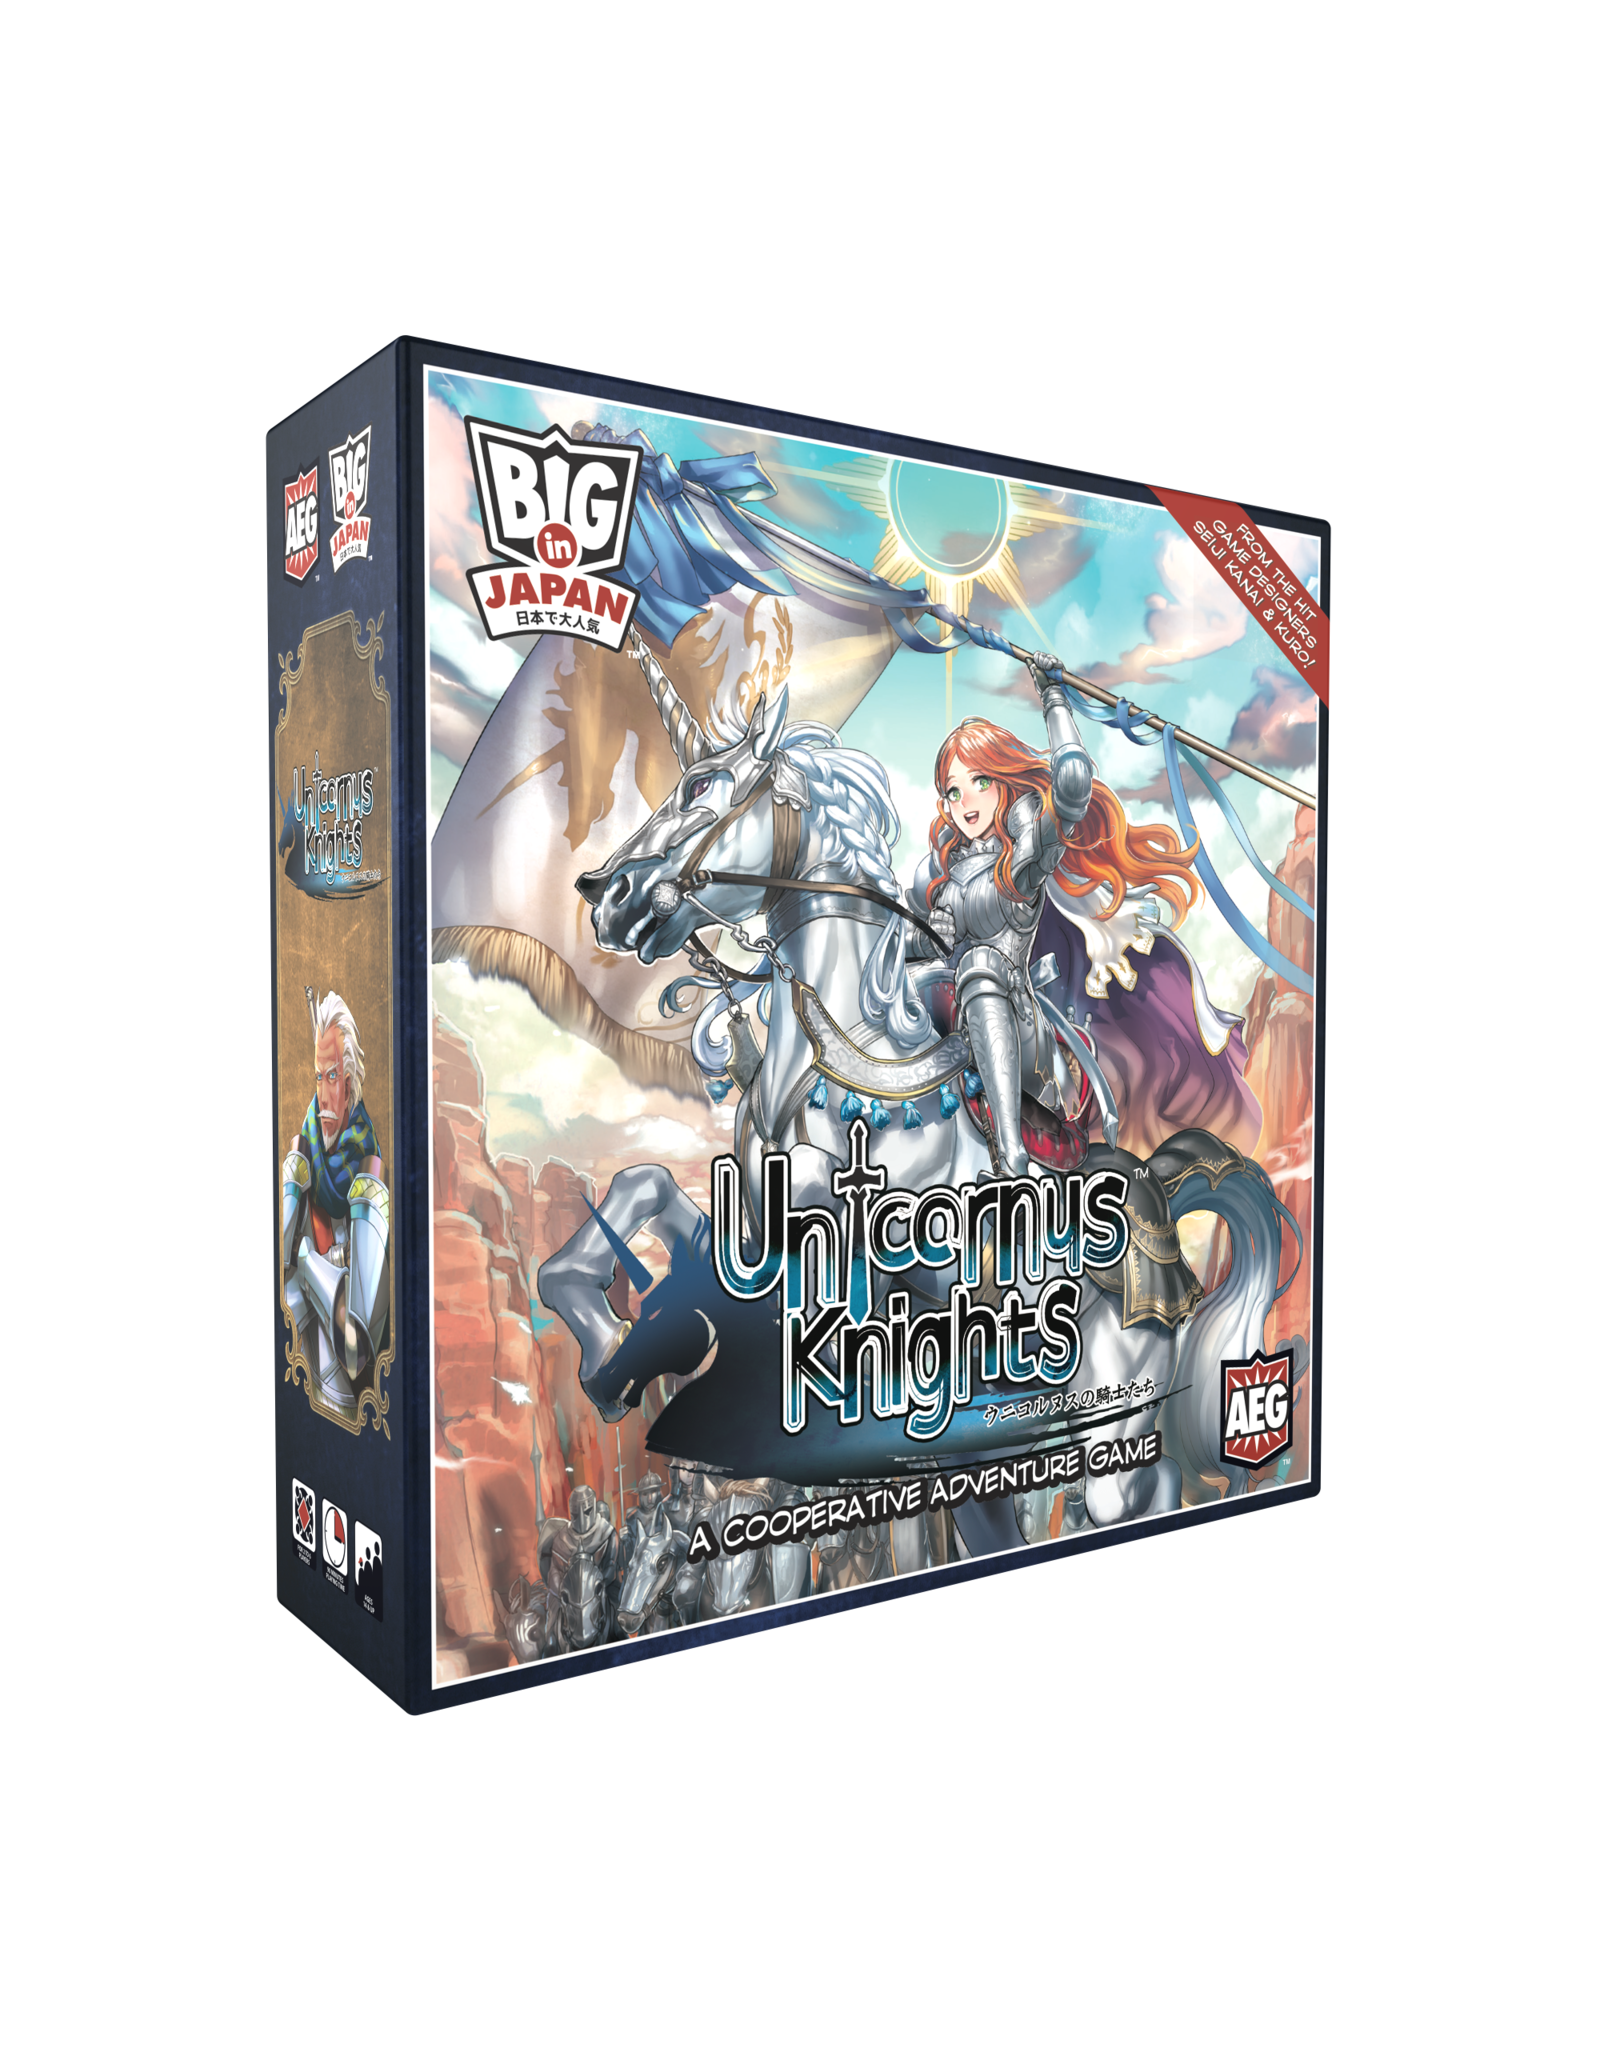 AEG Unicornus Knights